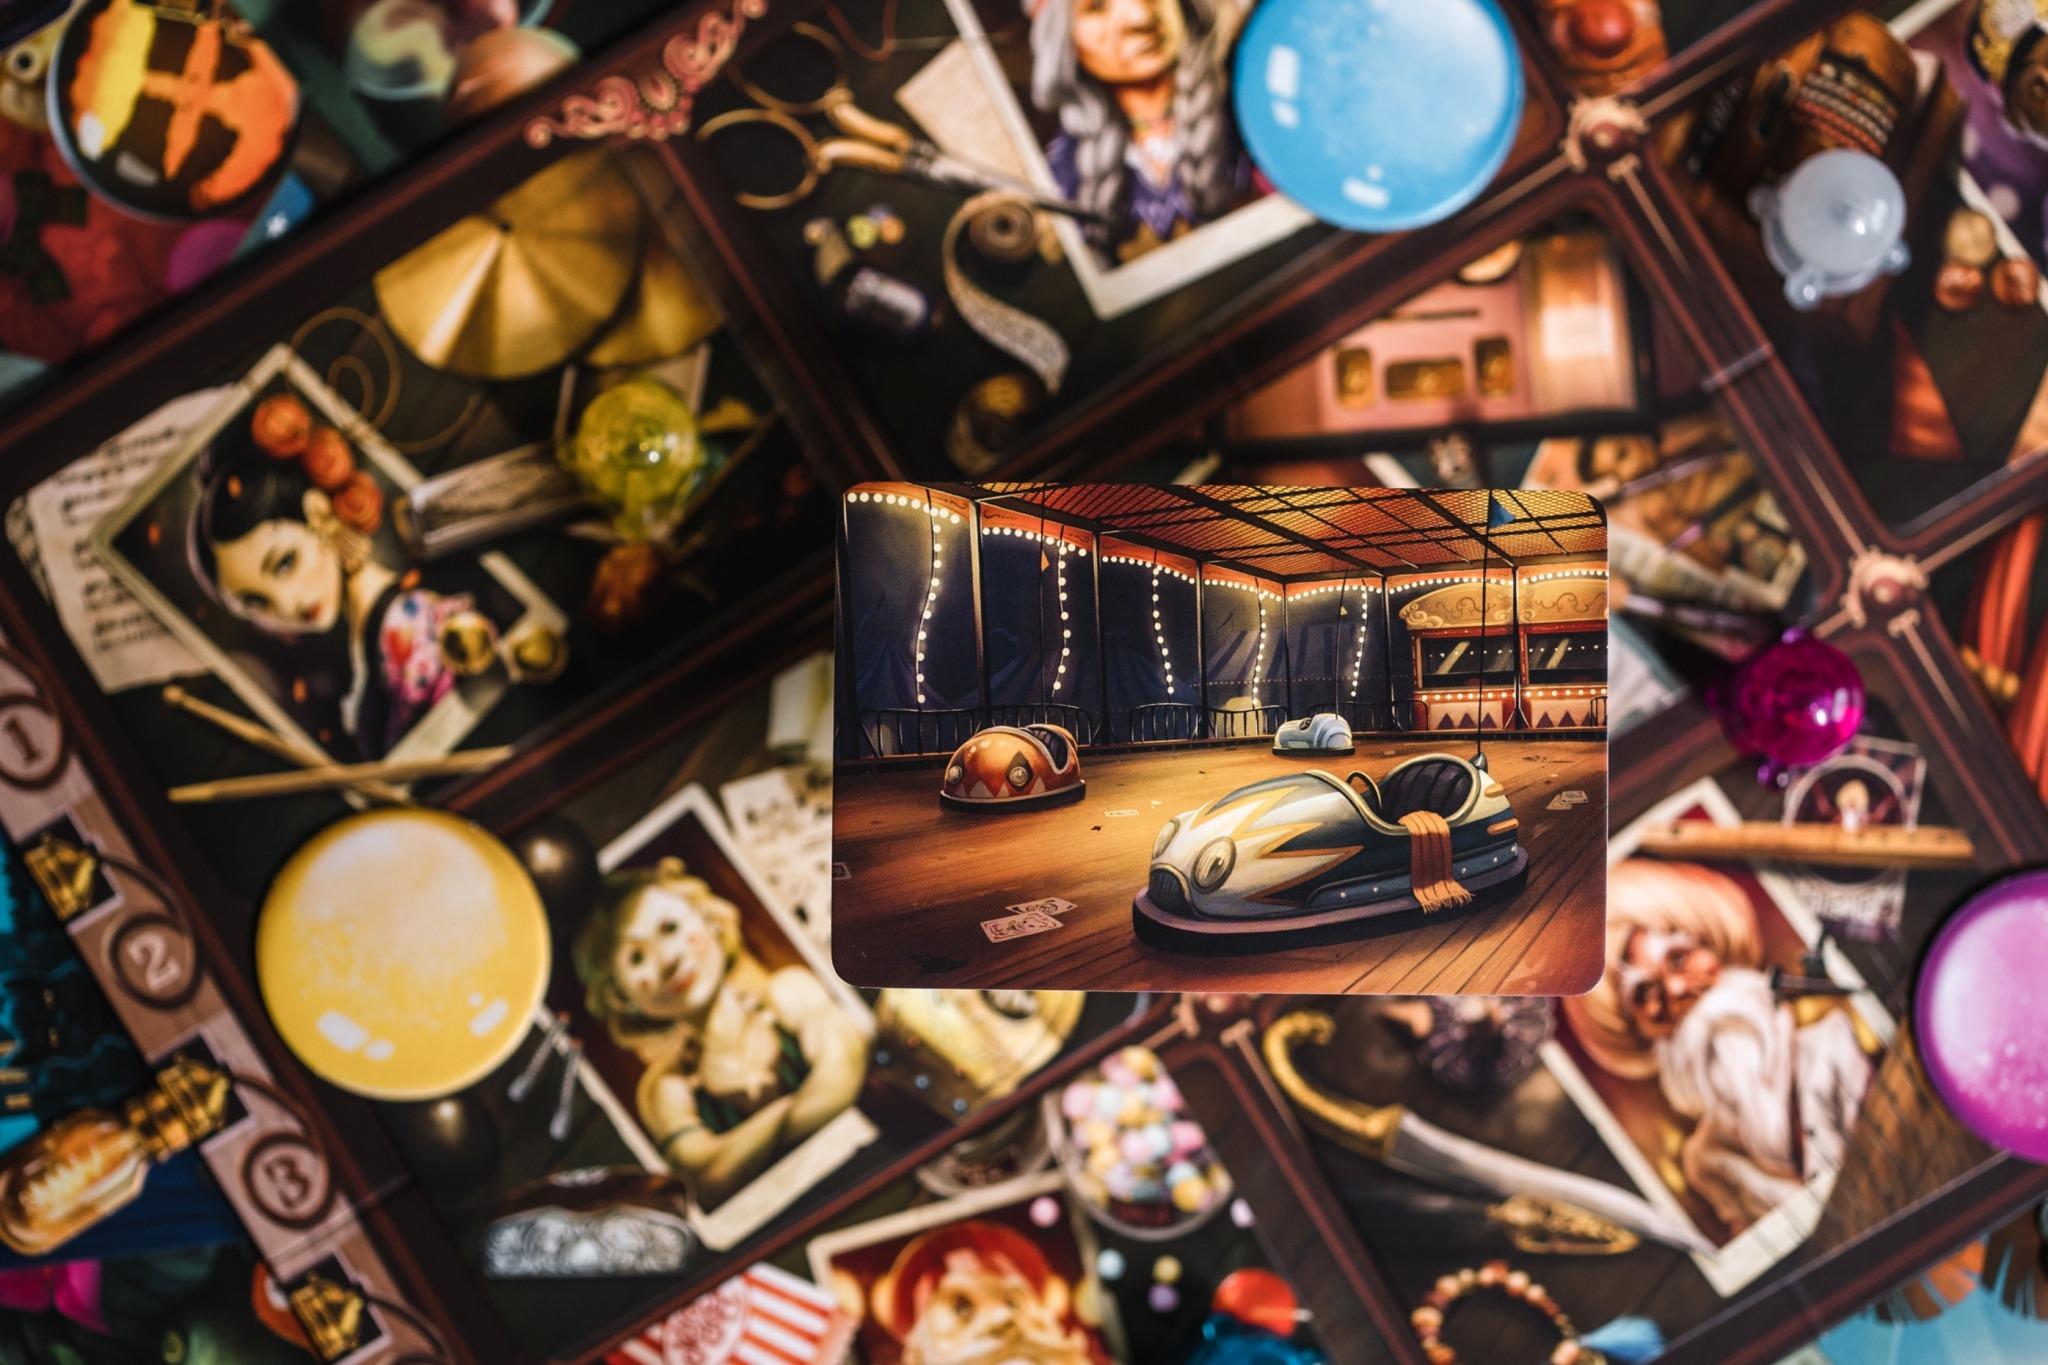 Mysterium park libellud asmodée jeu de société communication dixit